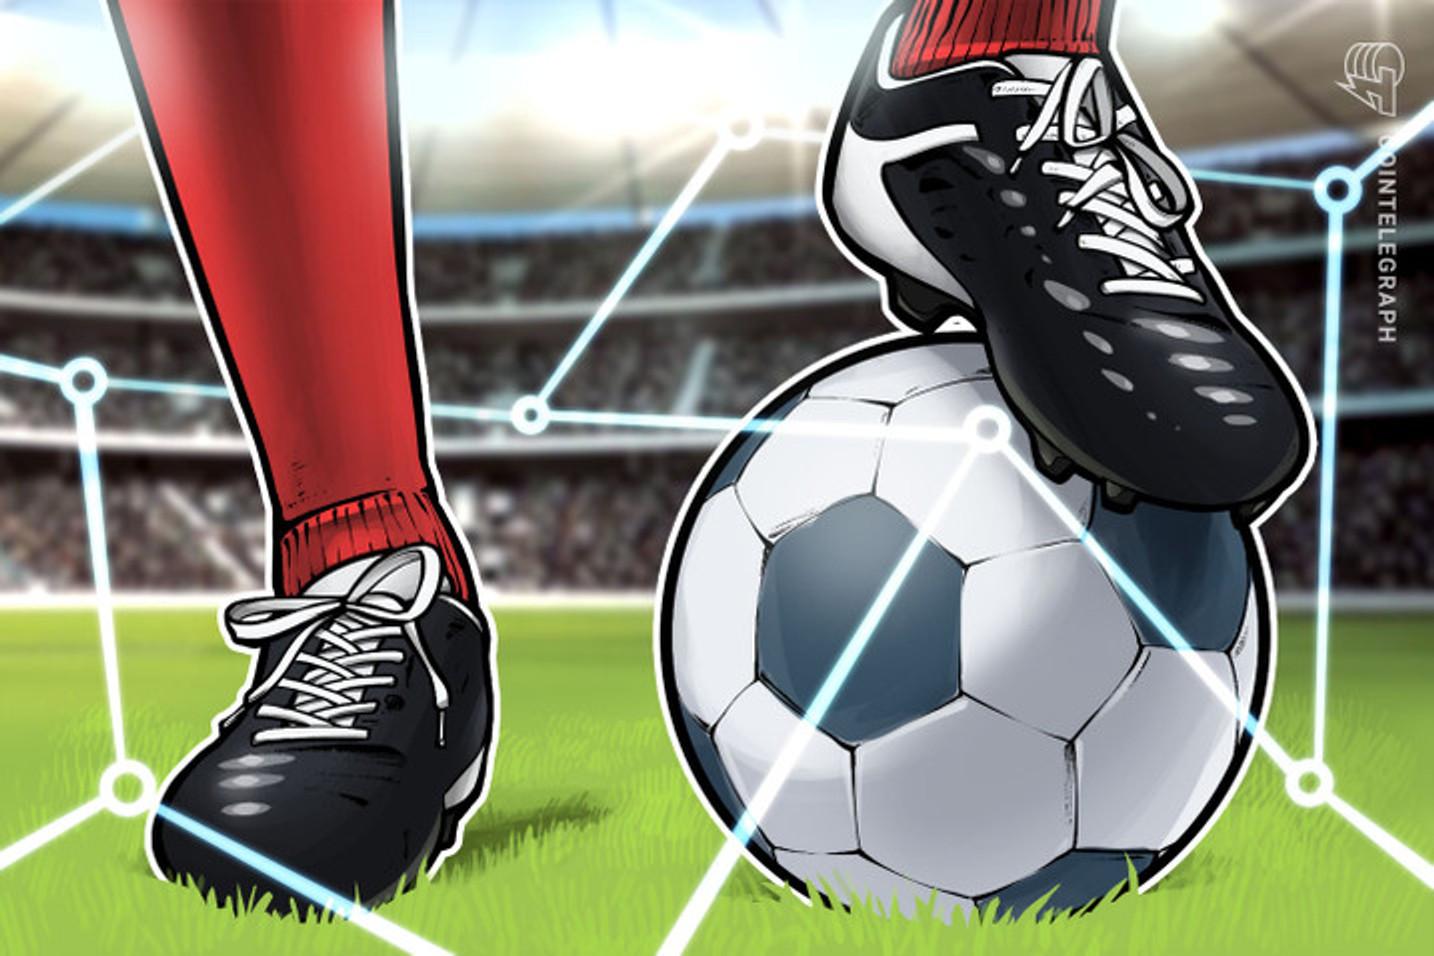 Fútbol y criptomonedas: La tecnología se mezcla con el deporte gracias a los fant tokens y NFT